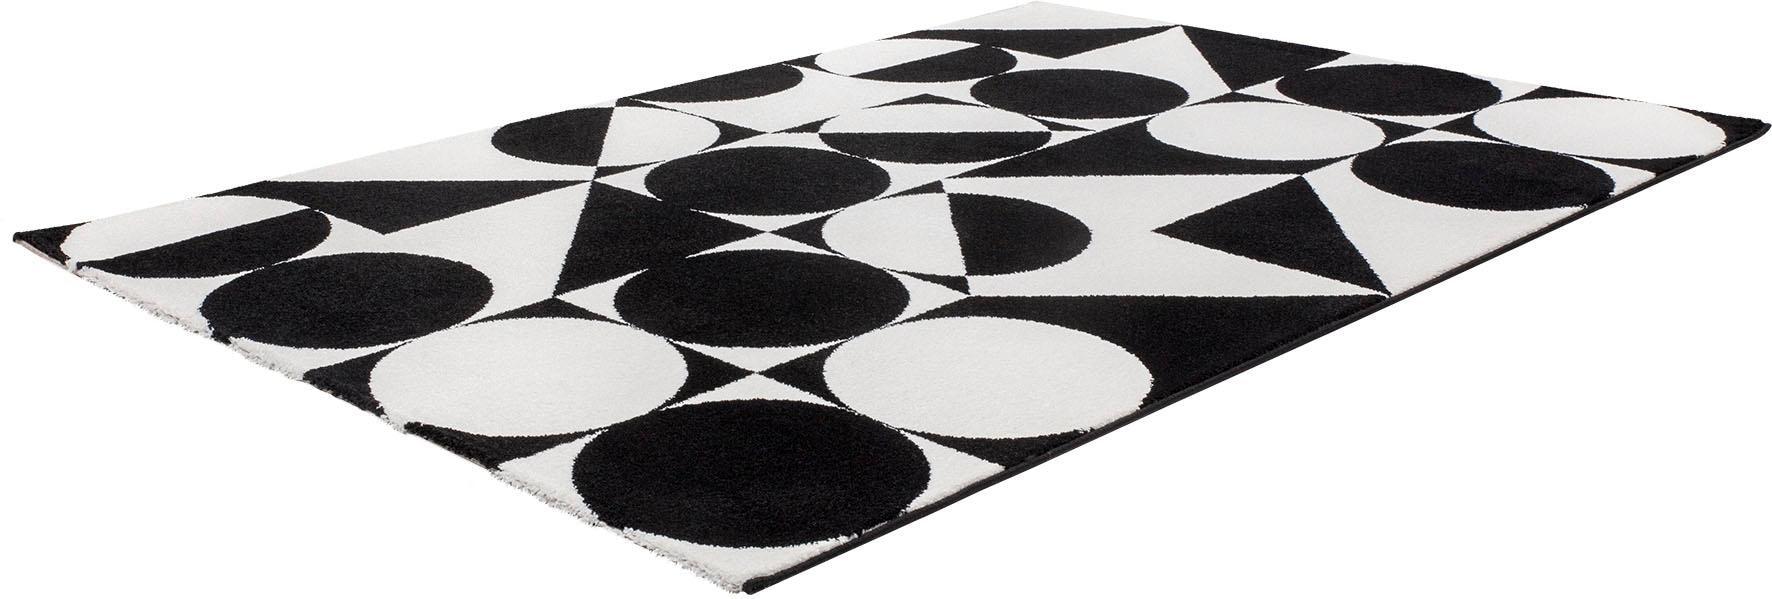 Teppich My Black & White 392 Obsession rechteckig Höhe 21 mm maschinell gewebt